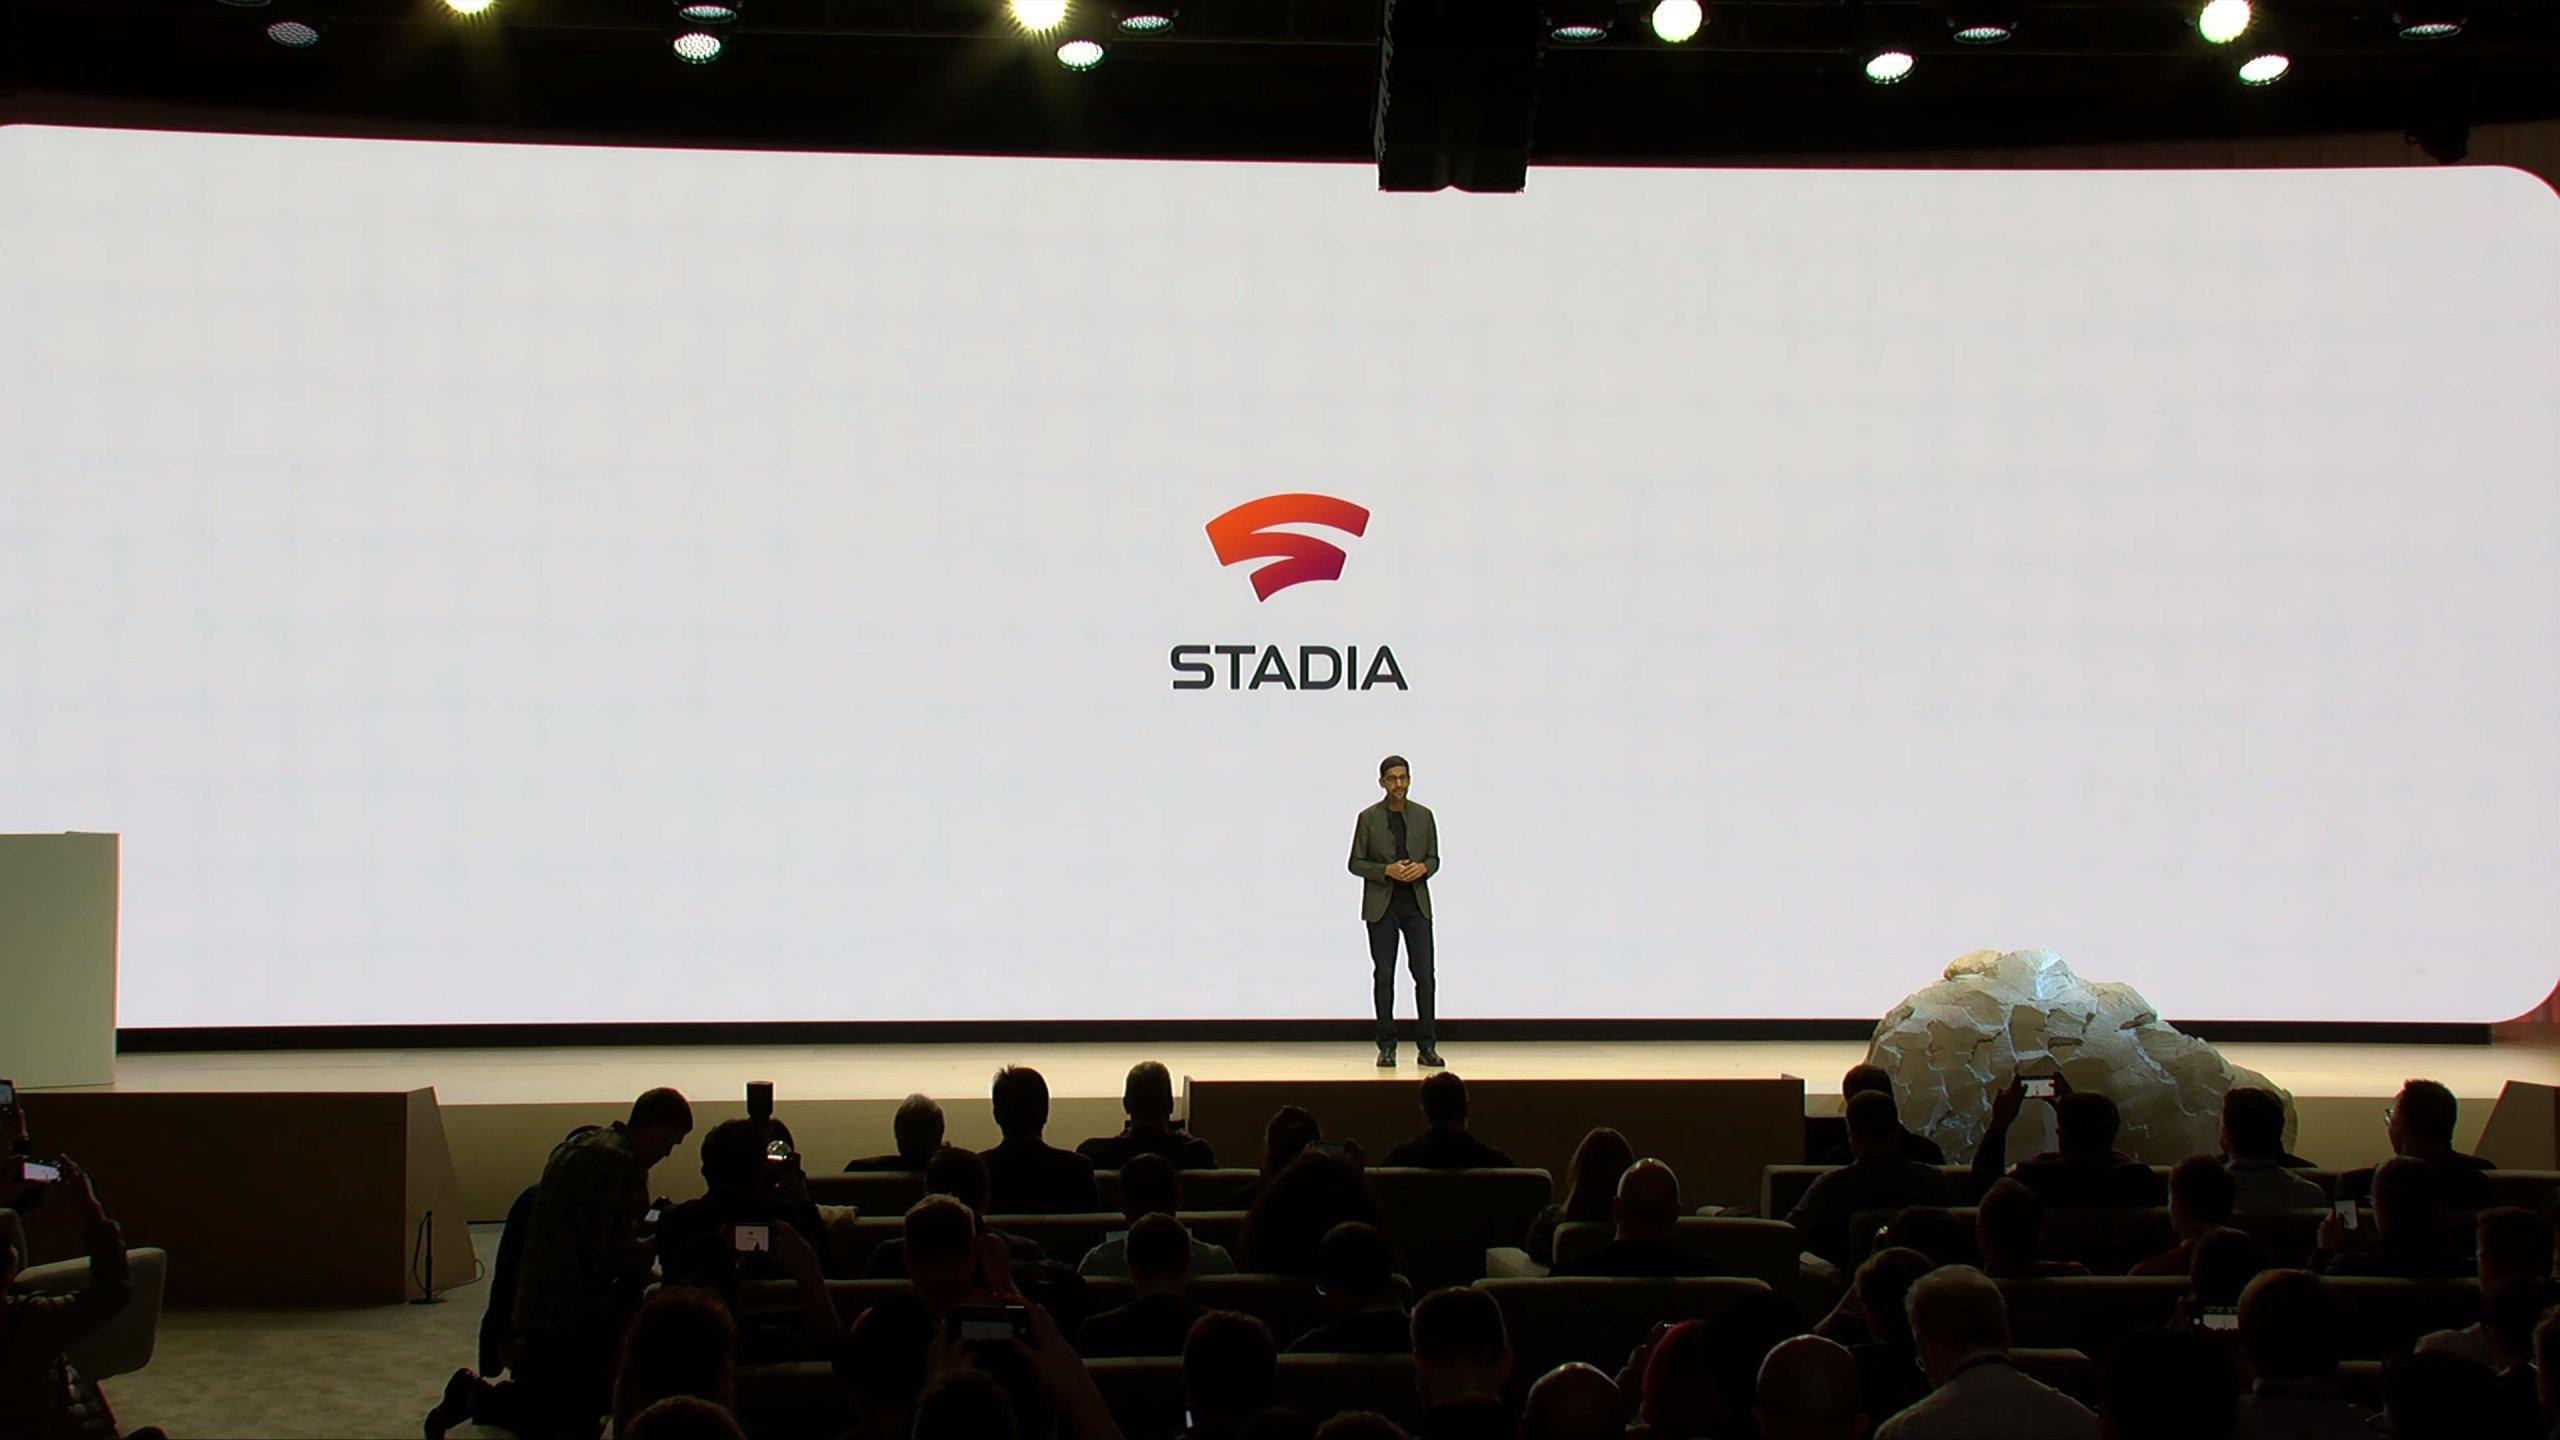 stadia.jpg